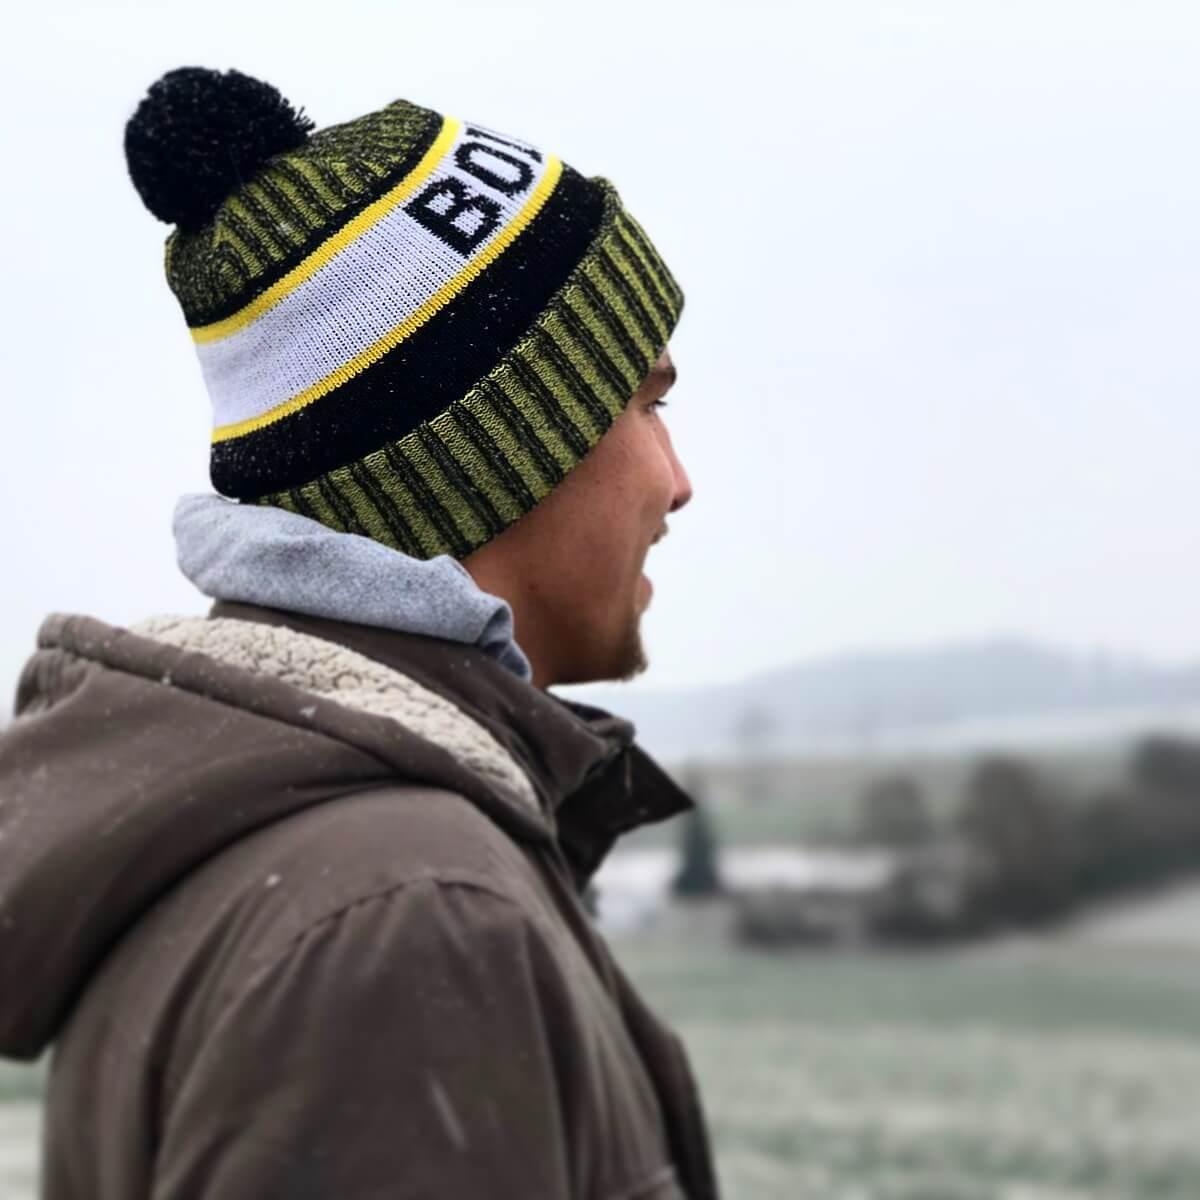 Mützen für Fußballclub in Vereinsfarben: <br>Boys aus Boiding tragen Bommelmützen